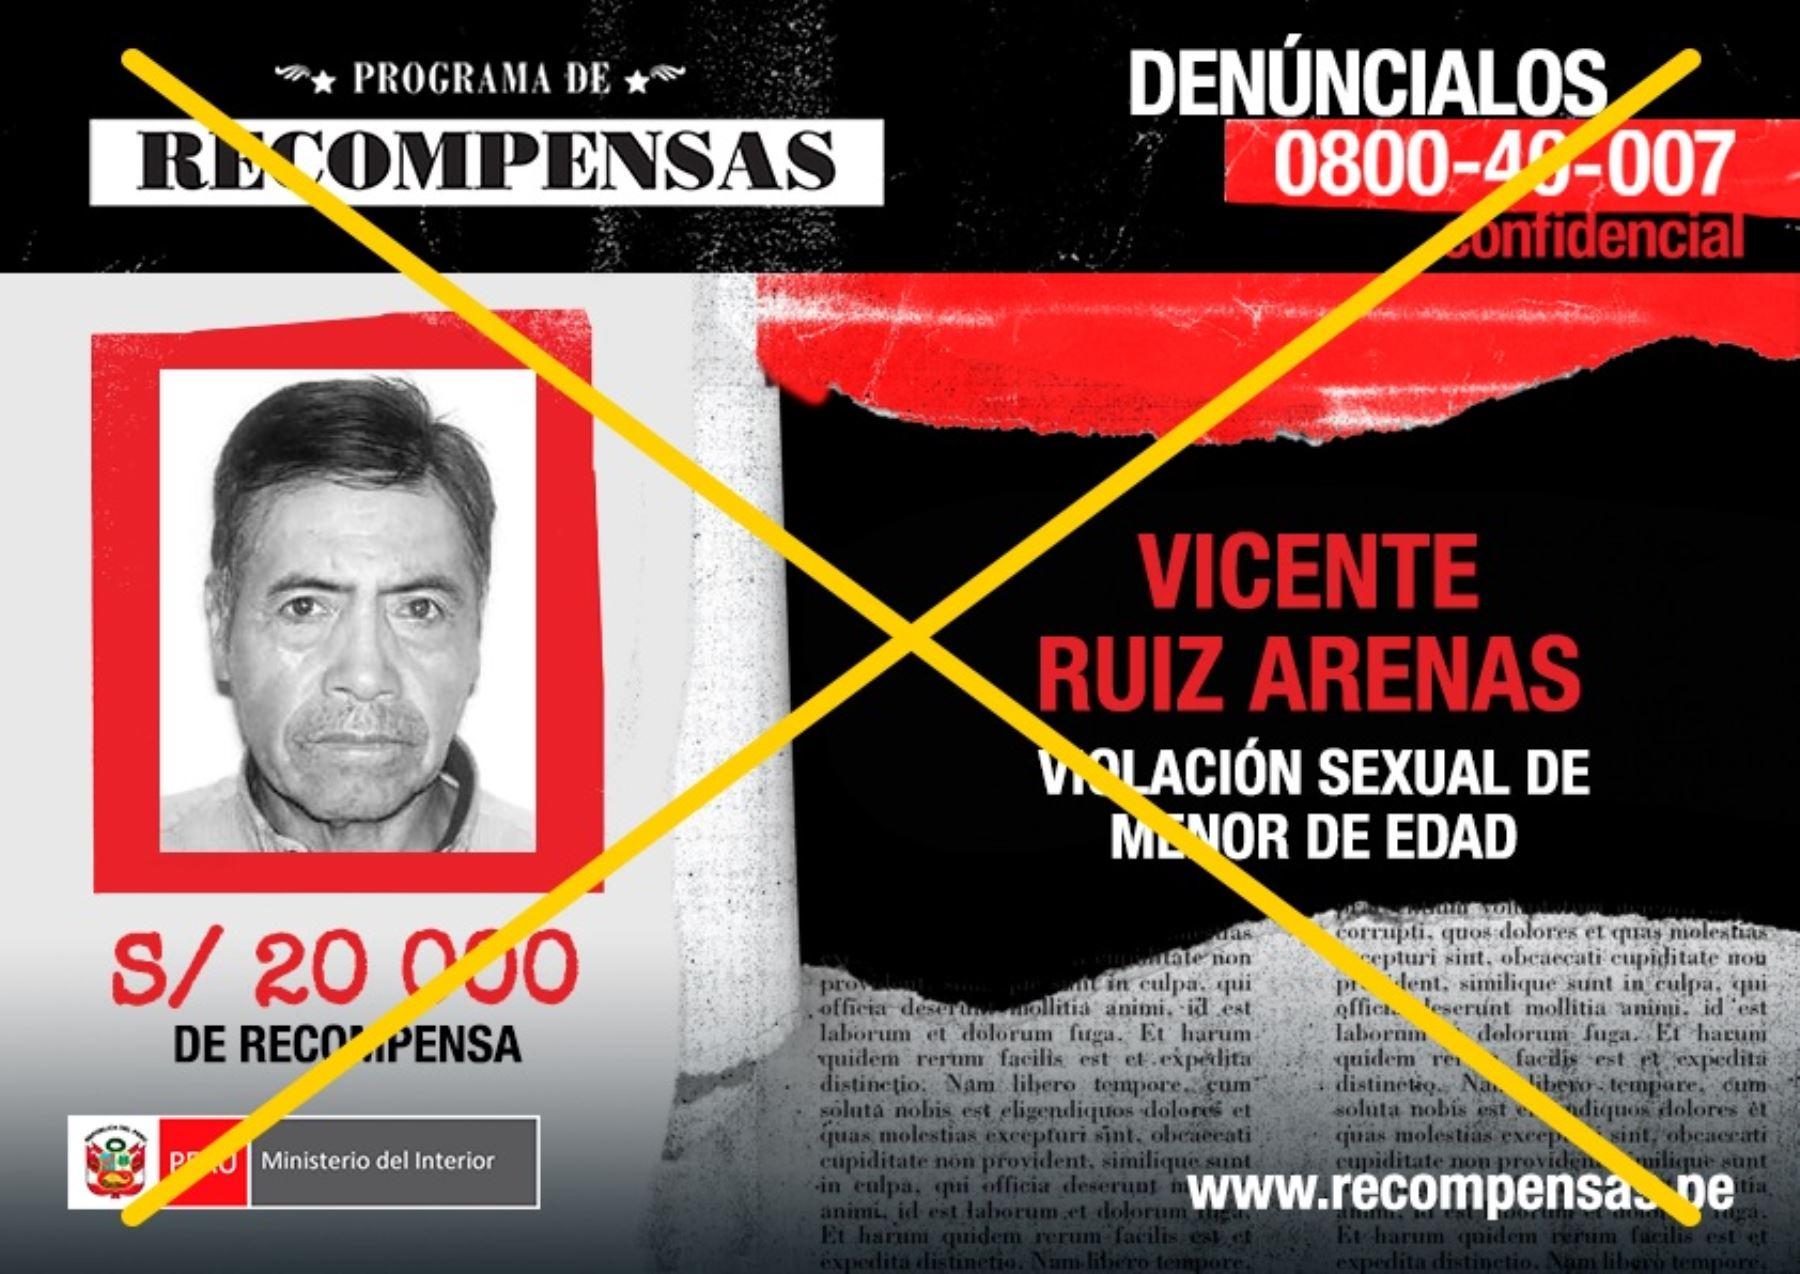 Por Vicente Ruiz Arena el Ministerio del Interior ofrecía una recompensa de S/20, 000.